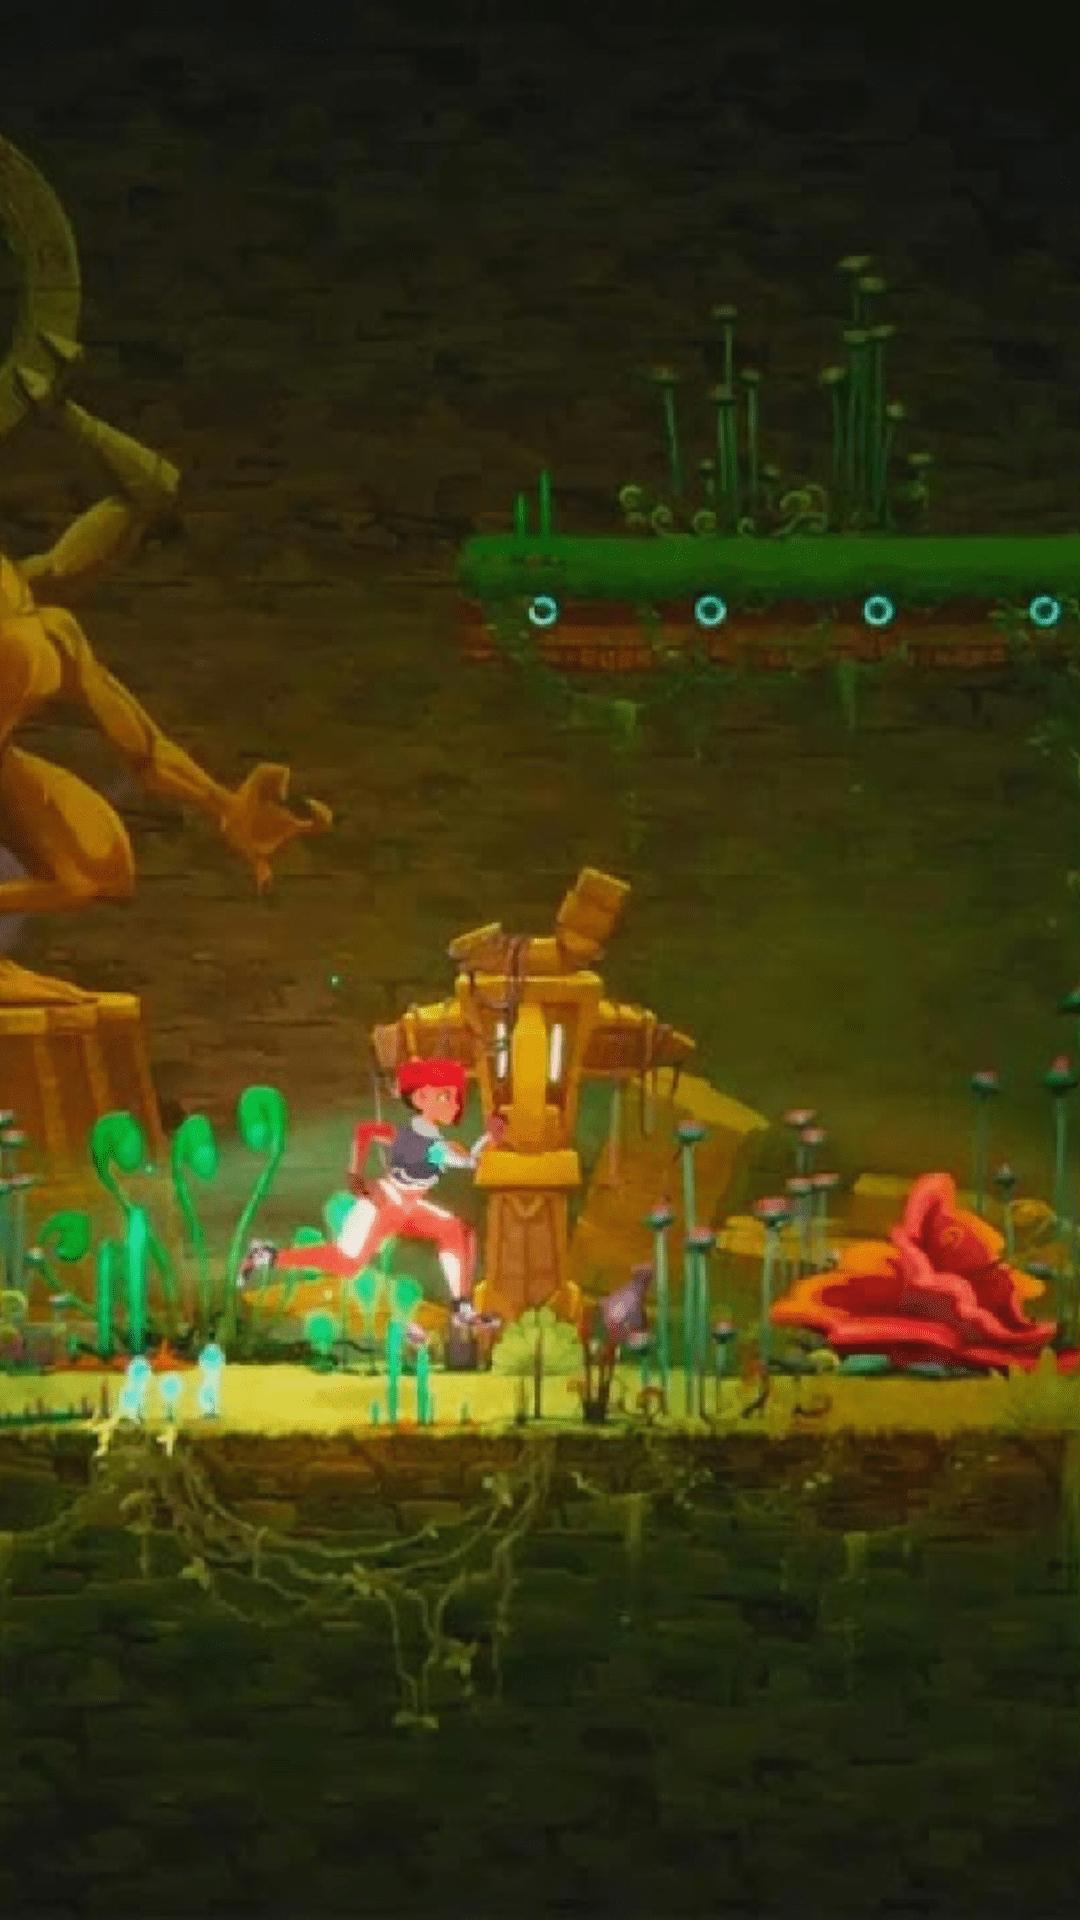 外星文明探险游戏